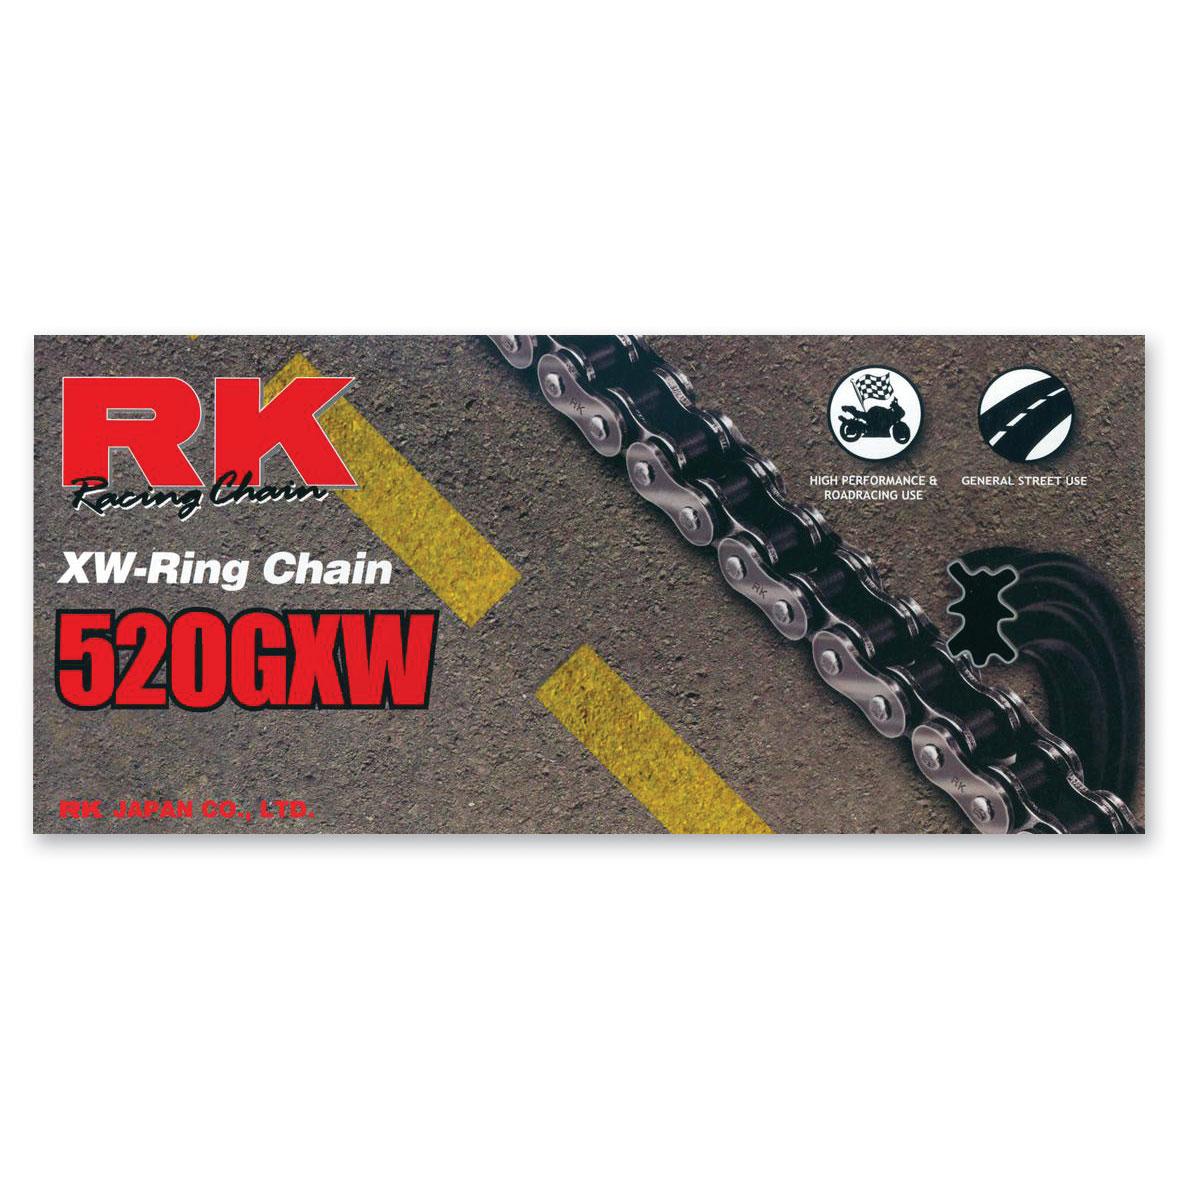 RK Chains GXW Chain 520 Natural